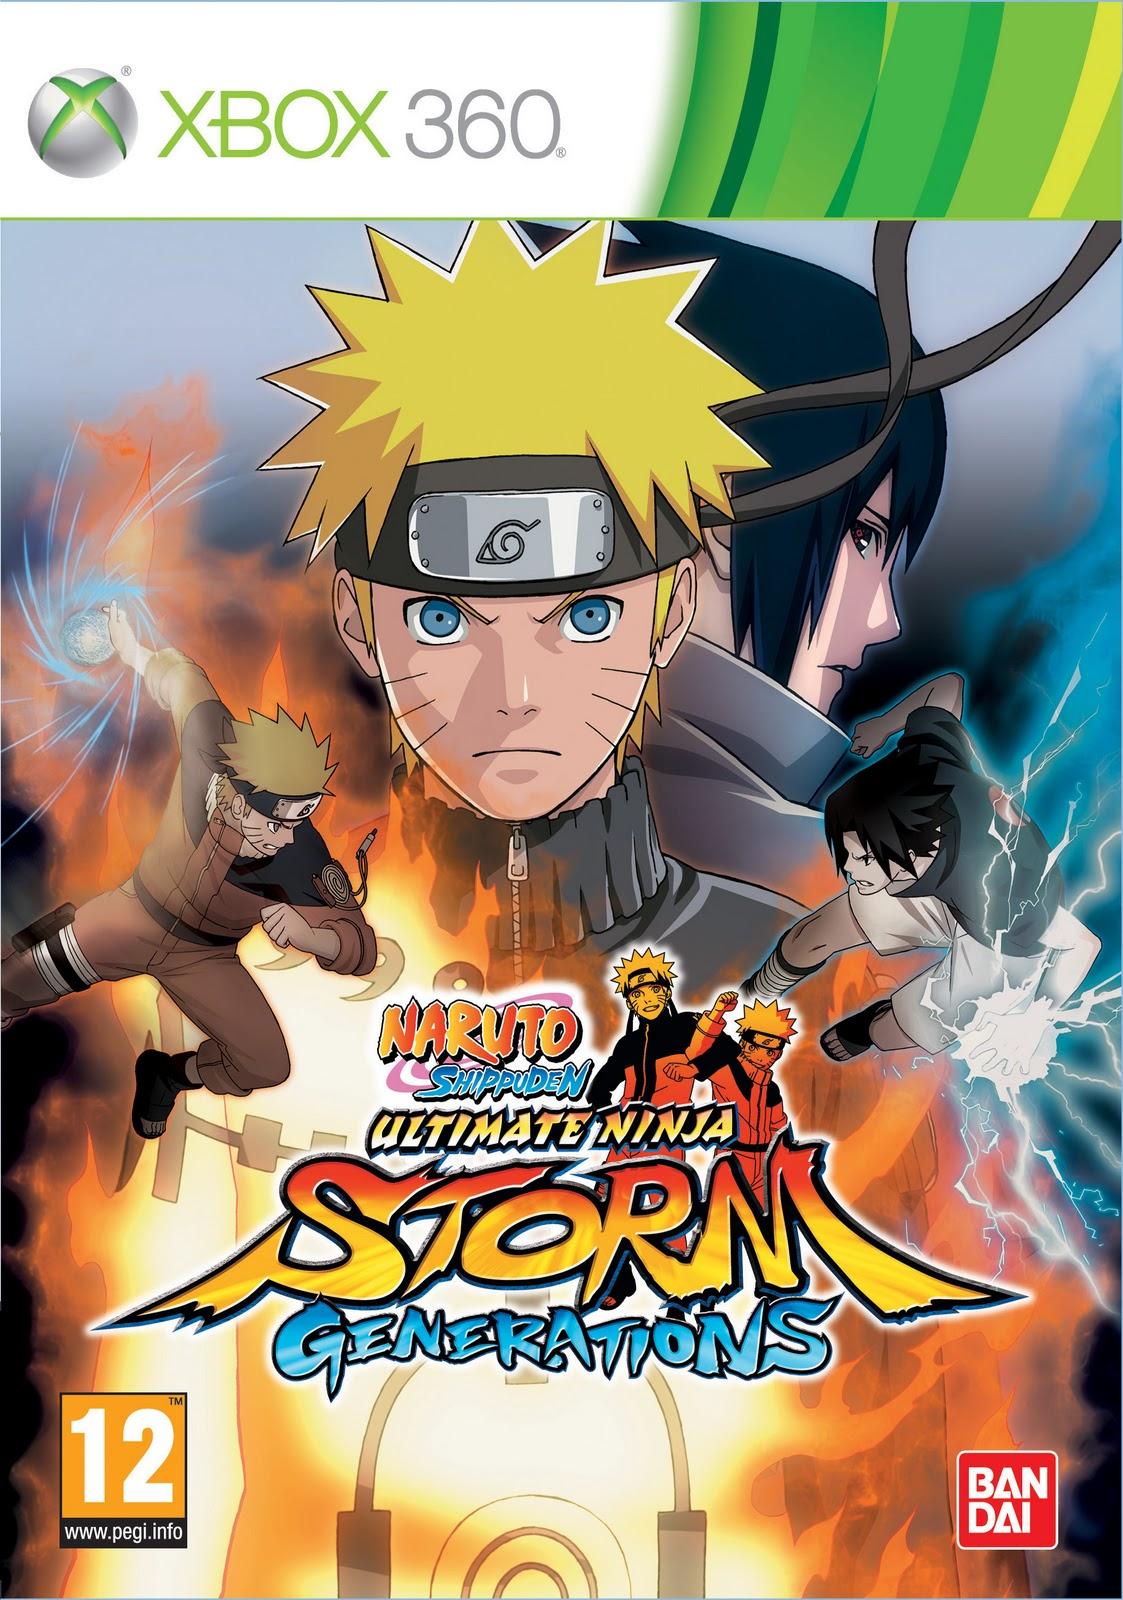 http://1.bp.blogspot.com/-QFppZezoISA/TtTJyh0yAjI/AAAAAAABYCc/JLMzsdpPW2U/s1600/2606Naruto+Ultimate+Ninja+Storm+Generations+-+X360+Pegi+pack.jpg